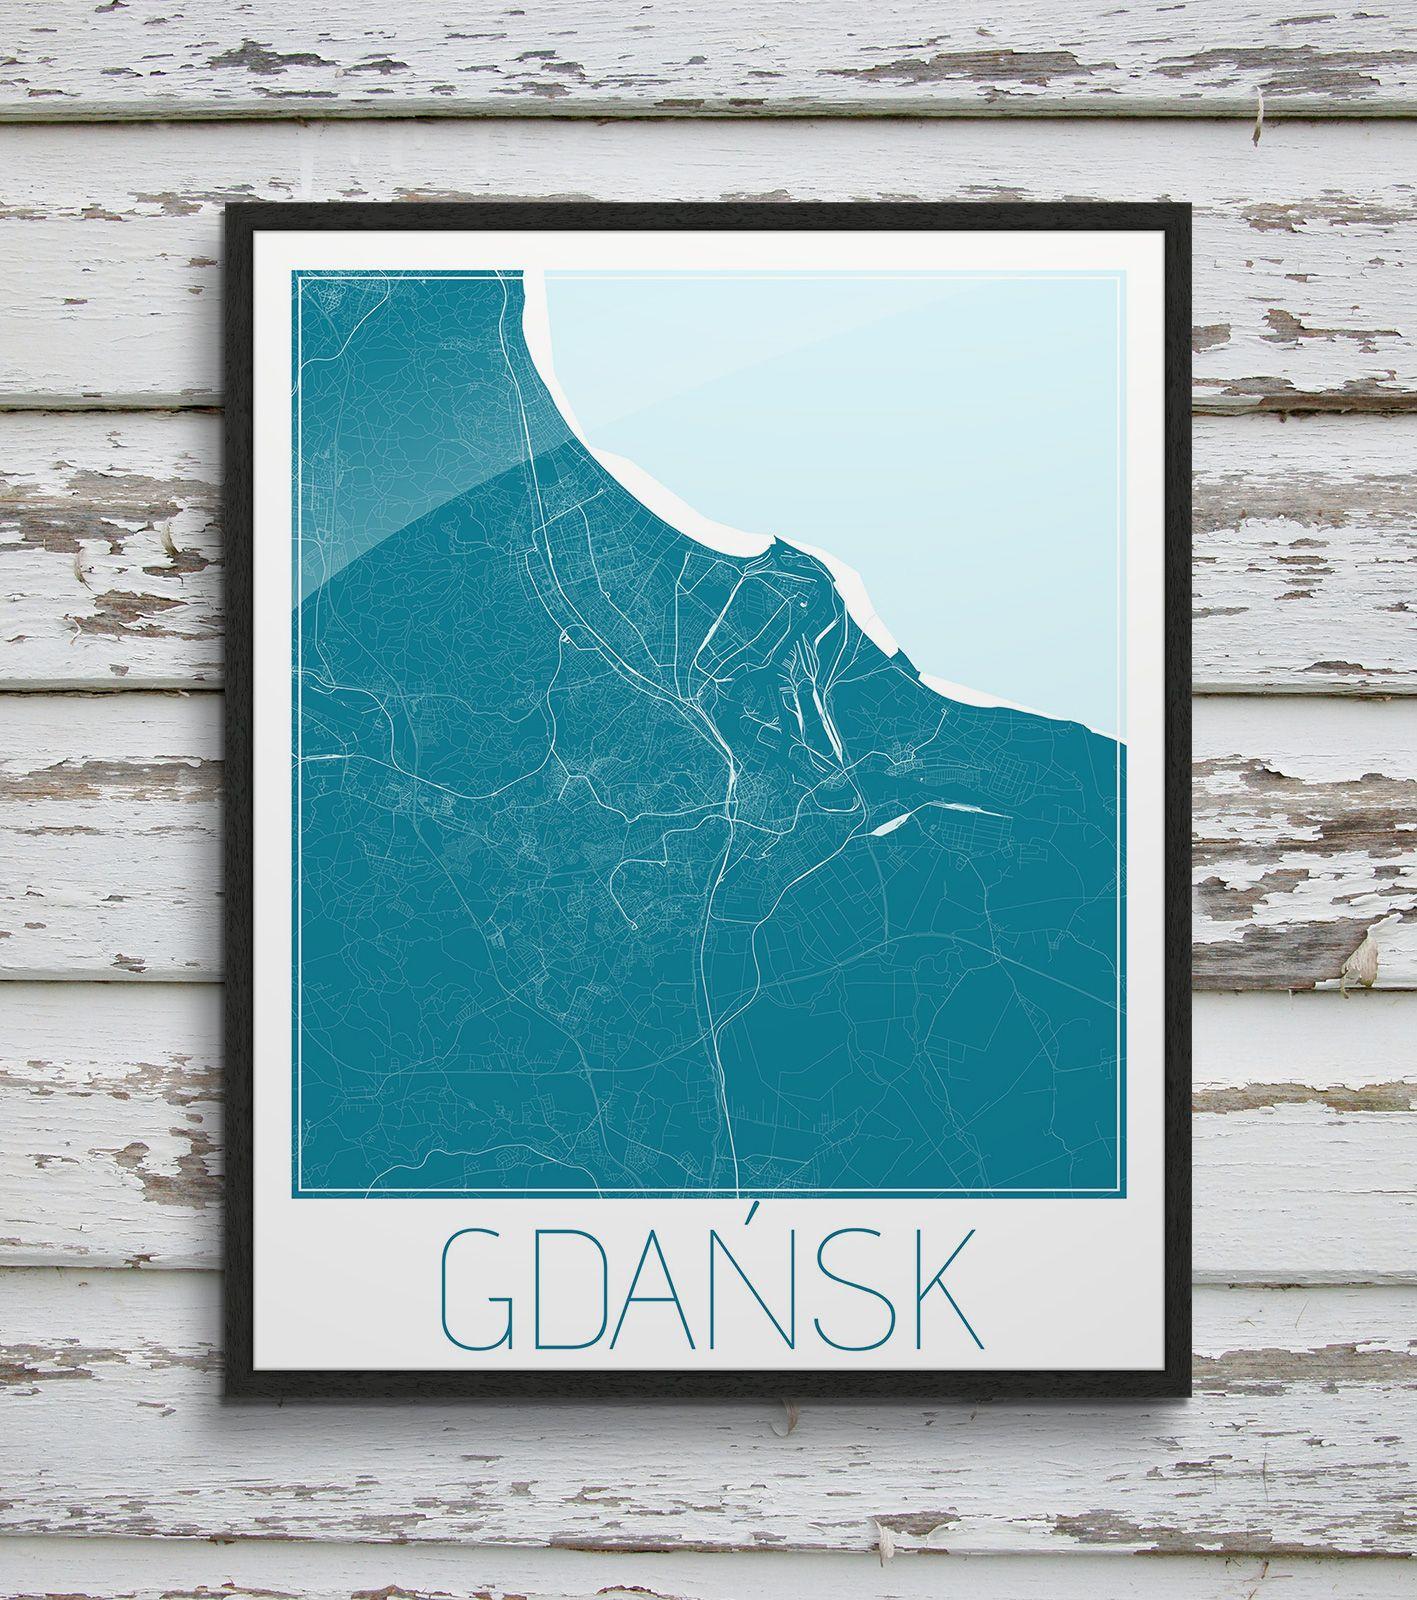 Plakat - mapa - Gdańsk  Gdzie kupić? www.eplakaty.pl